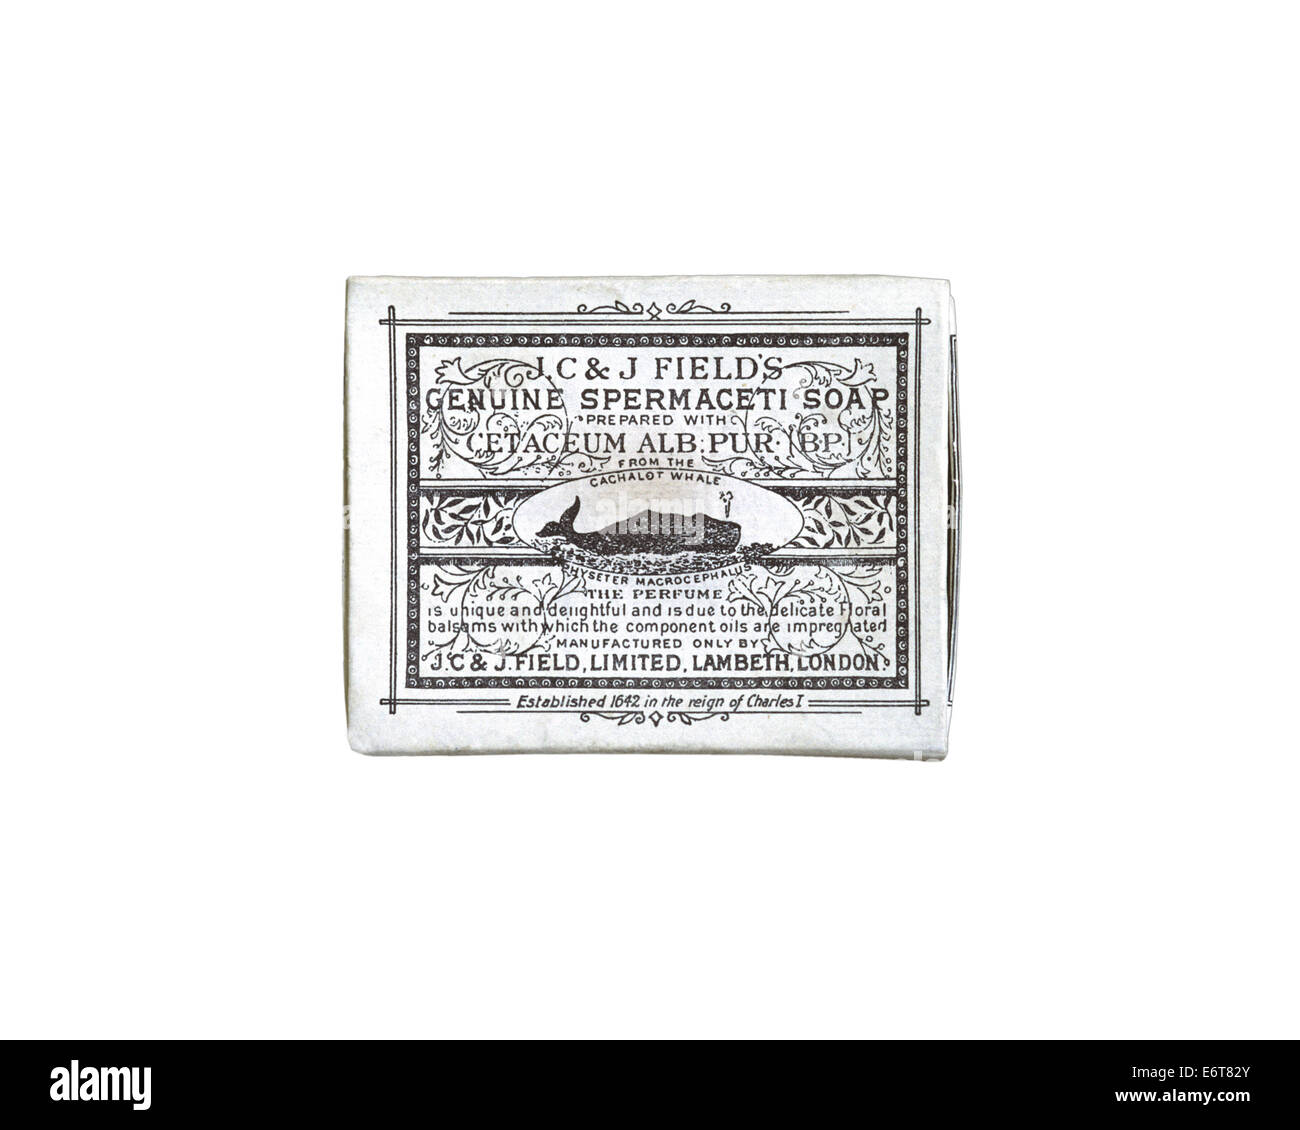 Spermaceti Soap - Stock Image